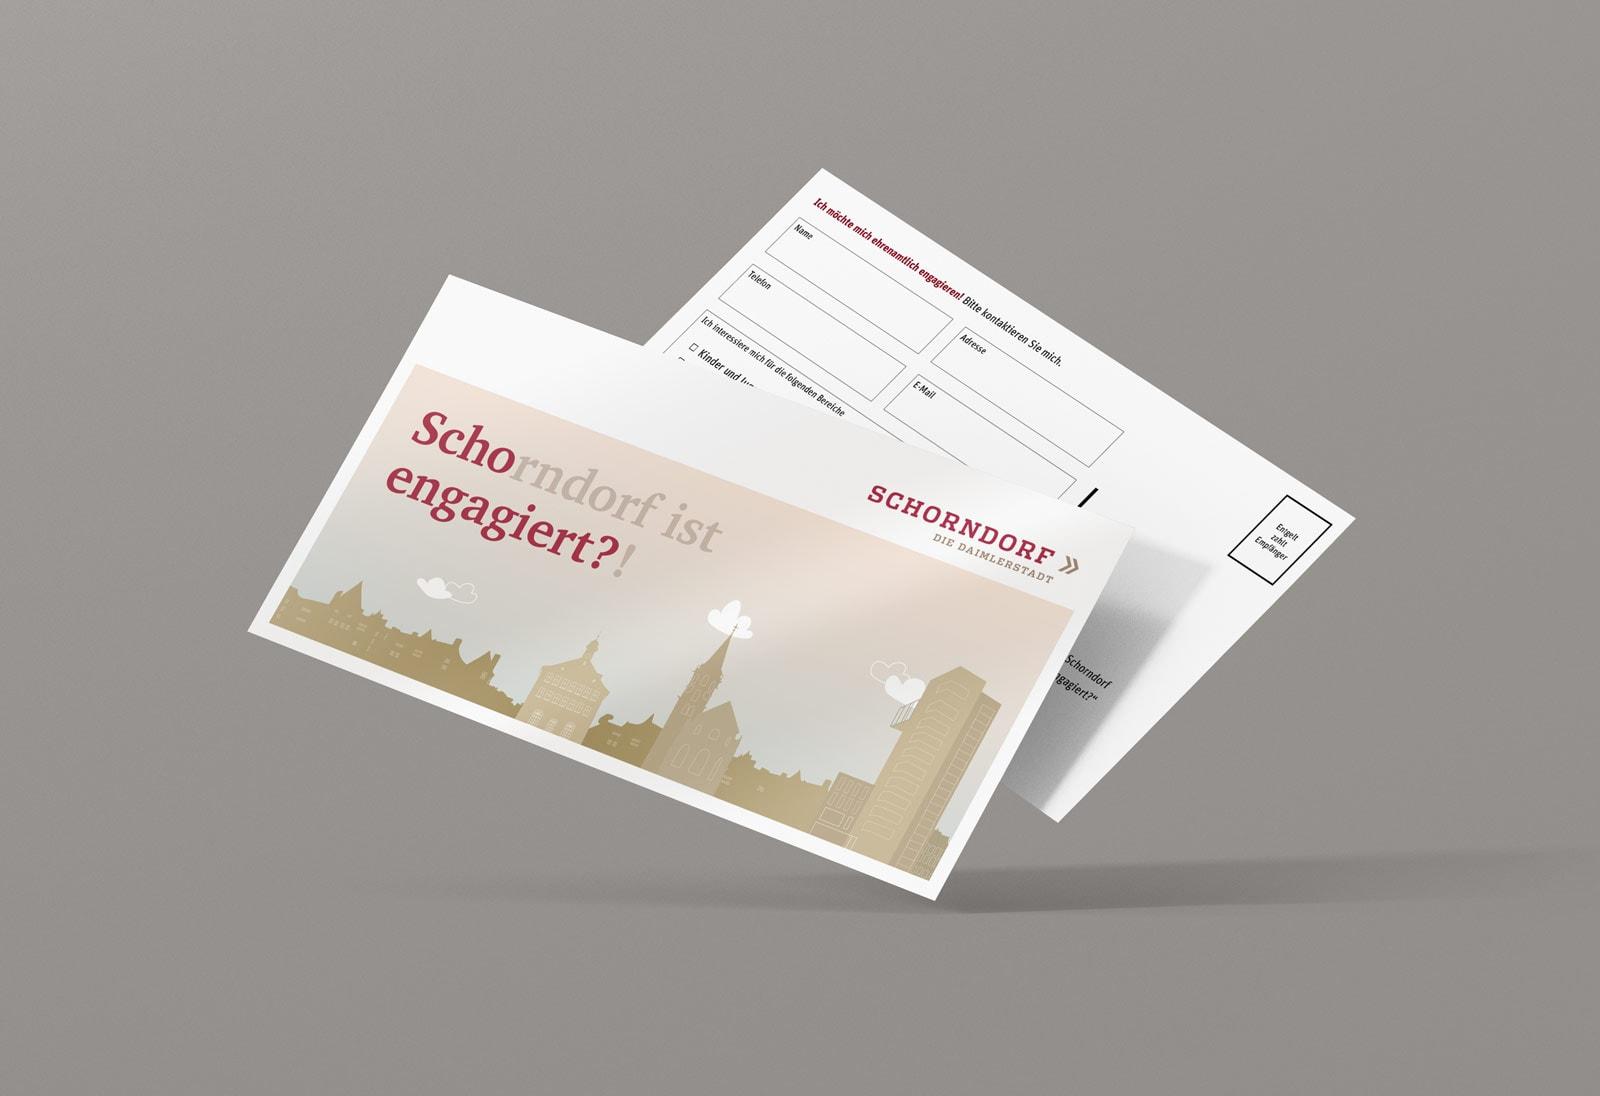 Scho-engagiert, Maxi-Postkarte, Werbemittel, Stadt Schorndorf, Vorder- und Rückseite